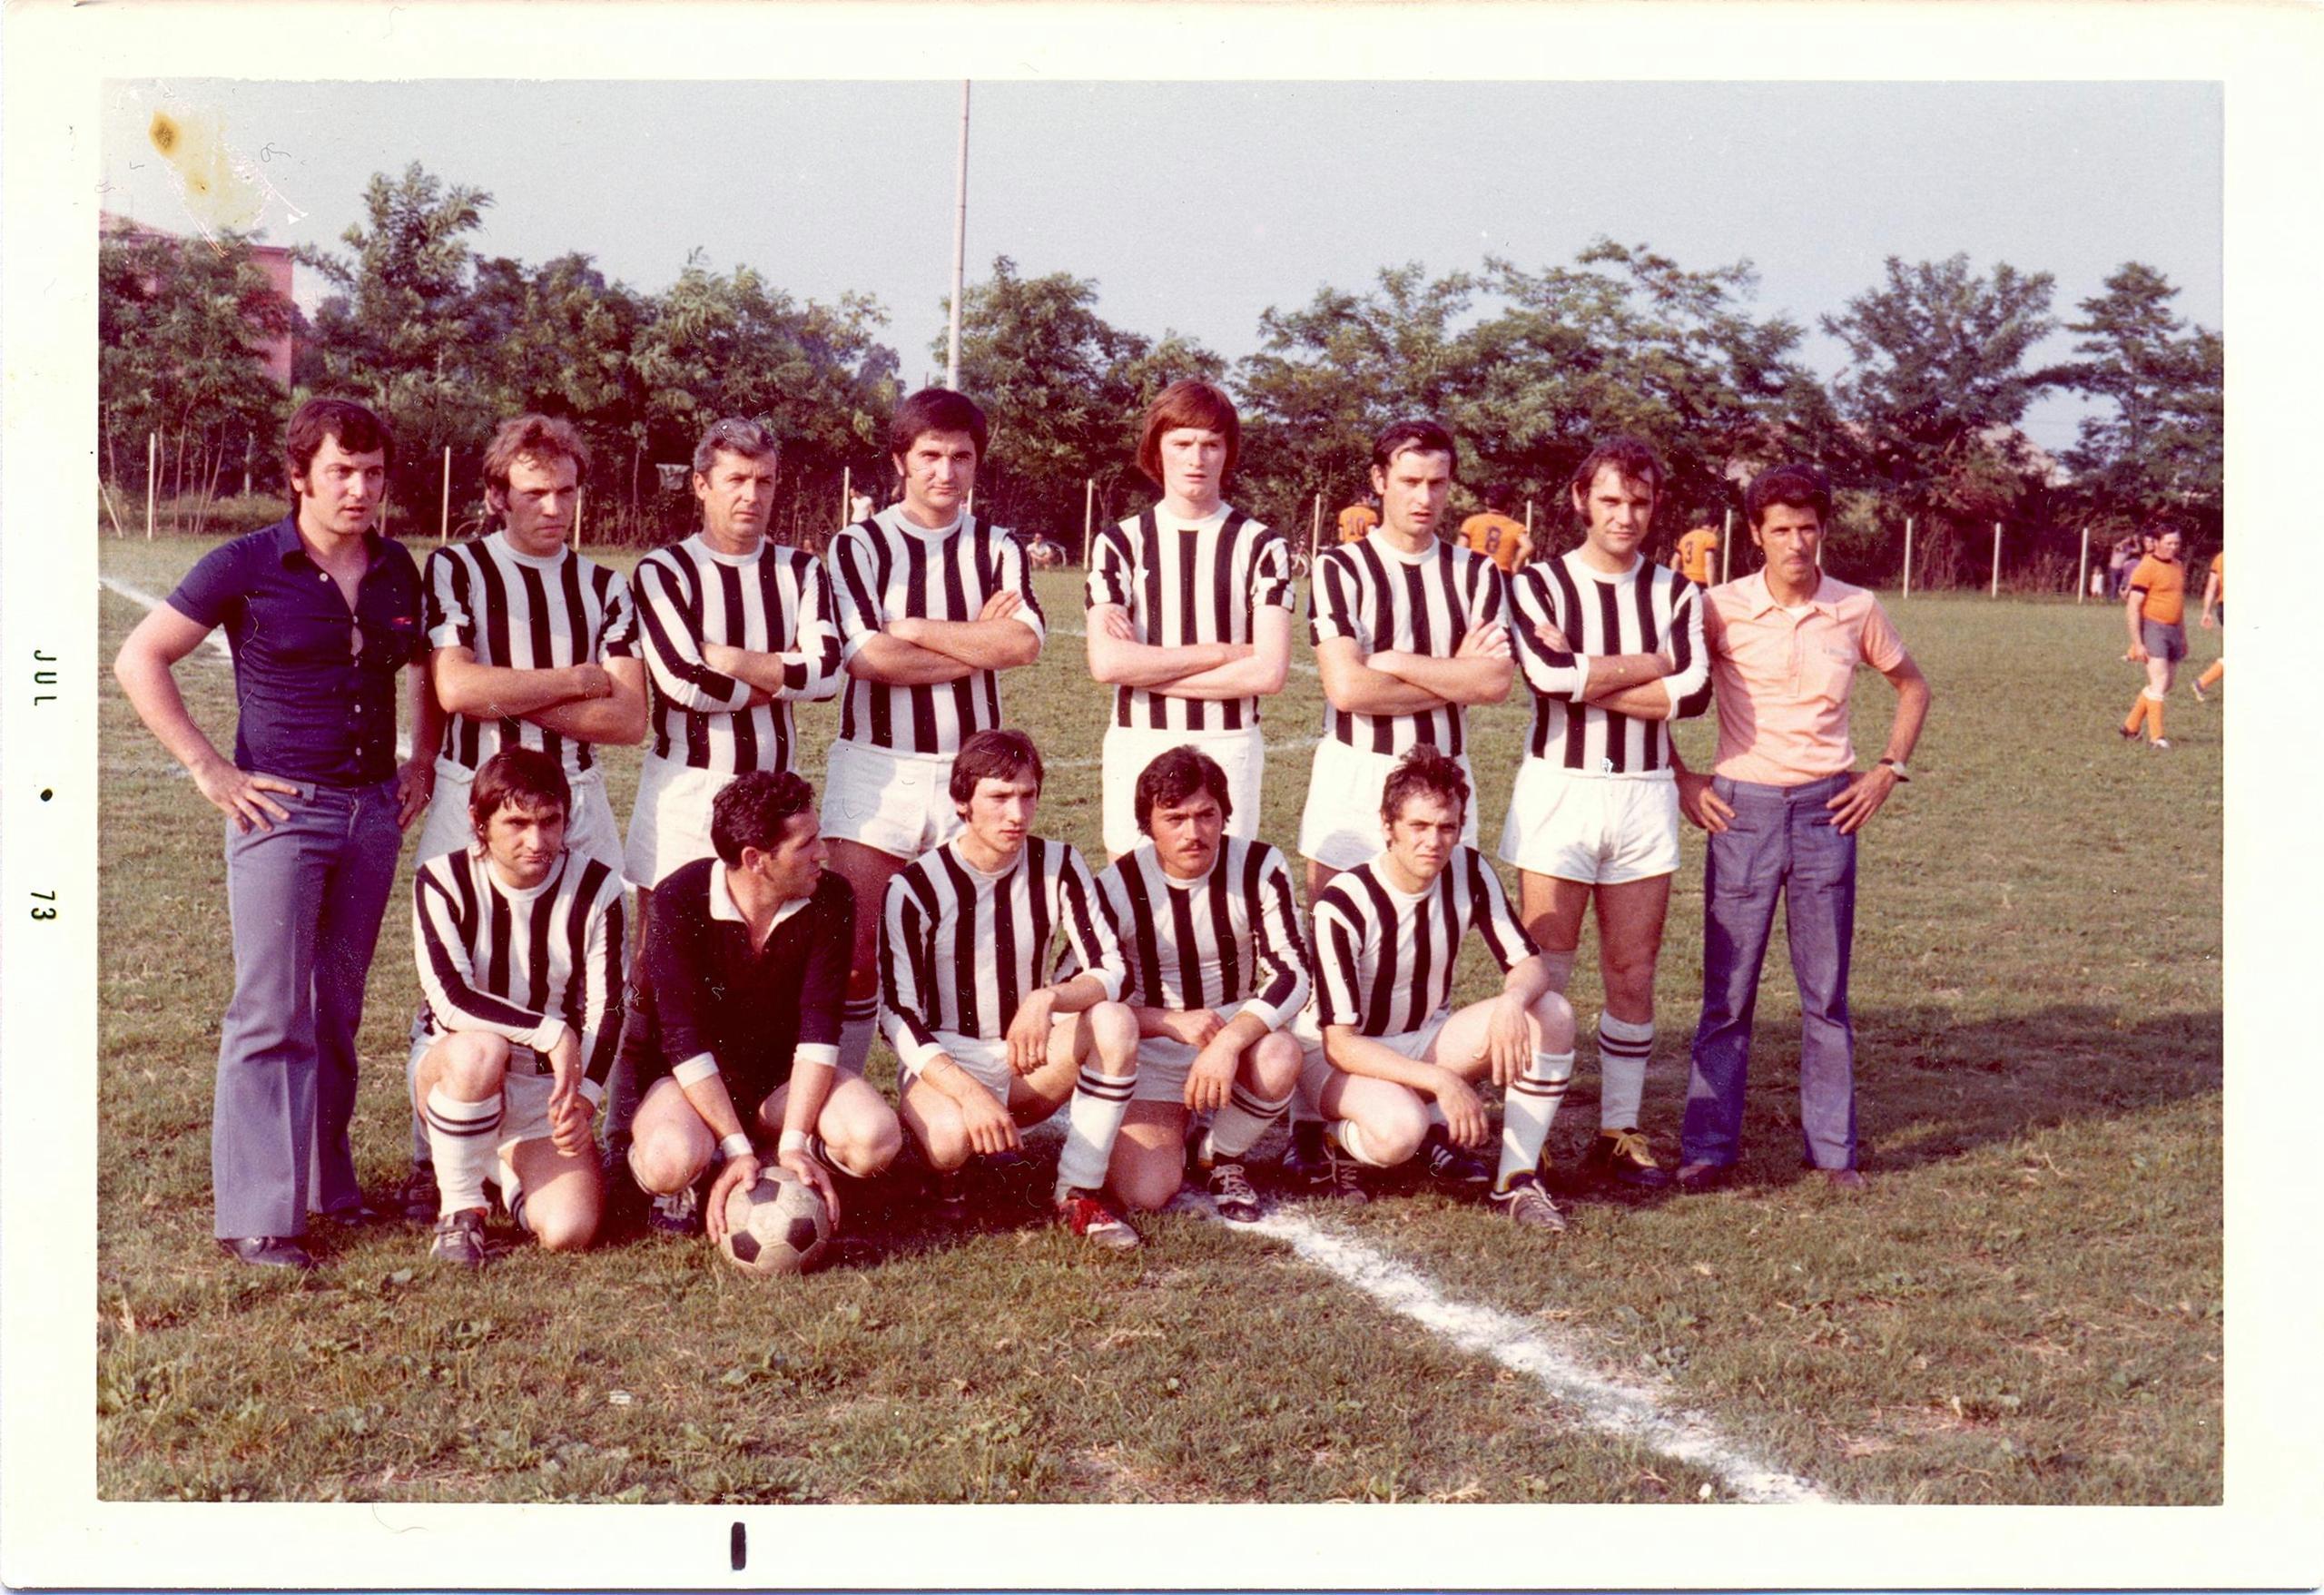 1973, la squadra Montaggi, finalista al torneo aziendale Galileo.